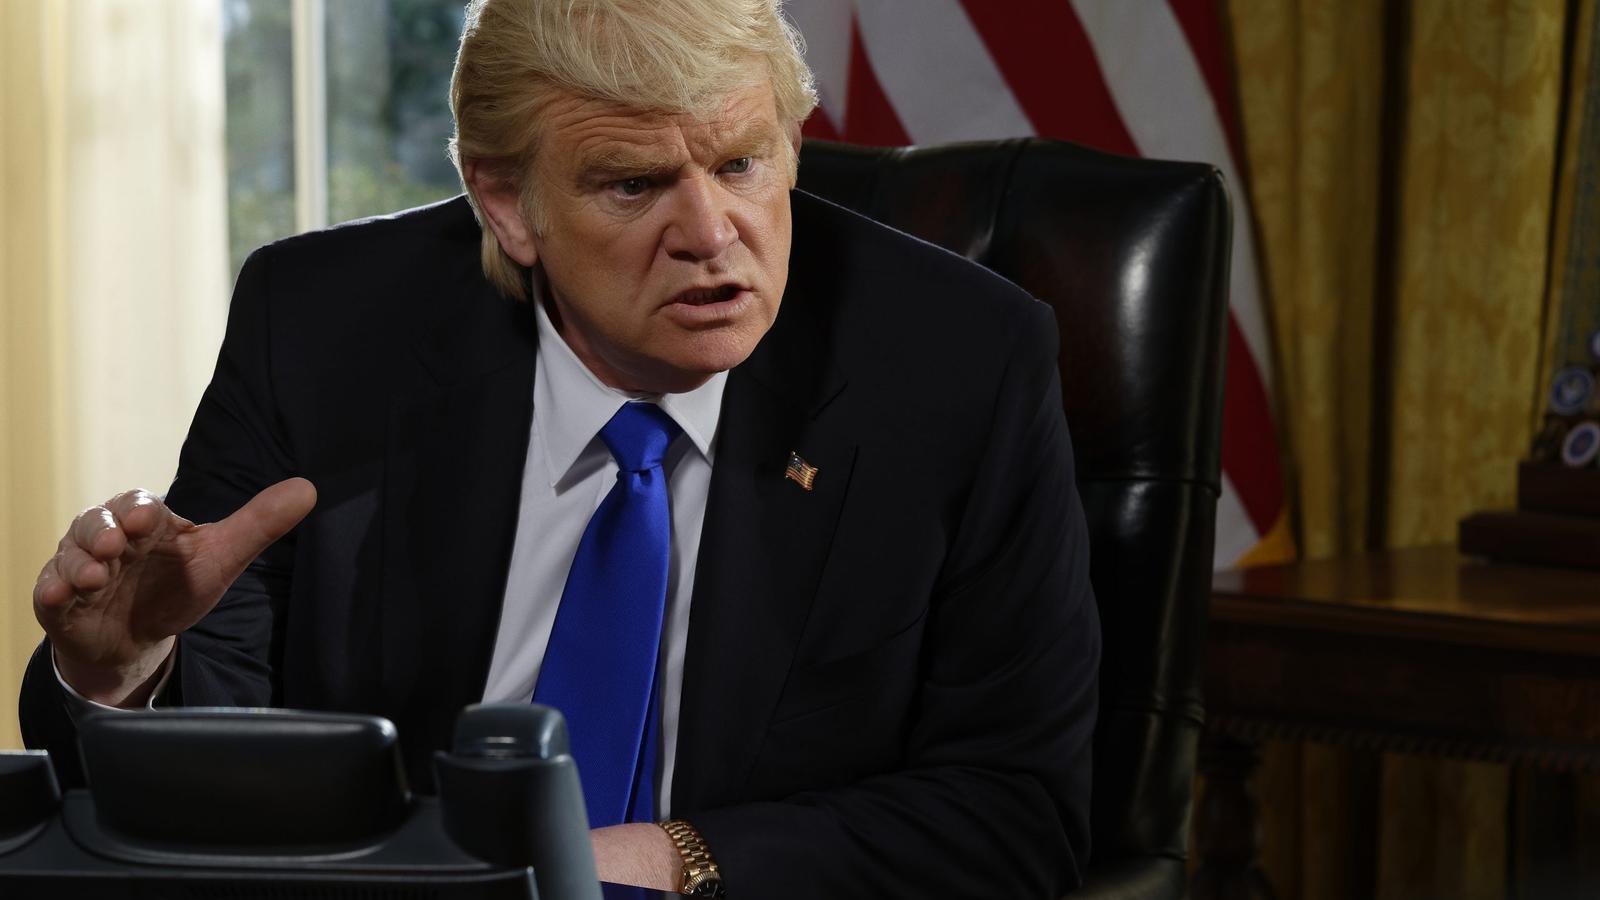 Les sèries planten cara a Donald Trump